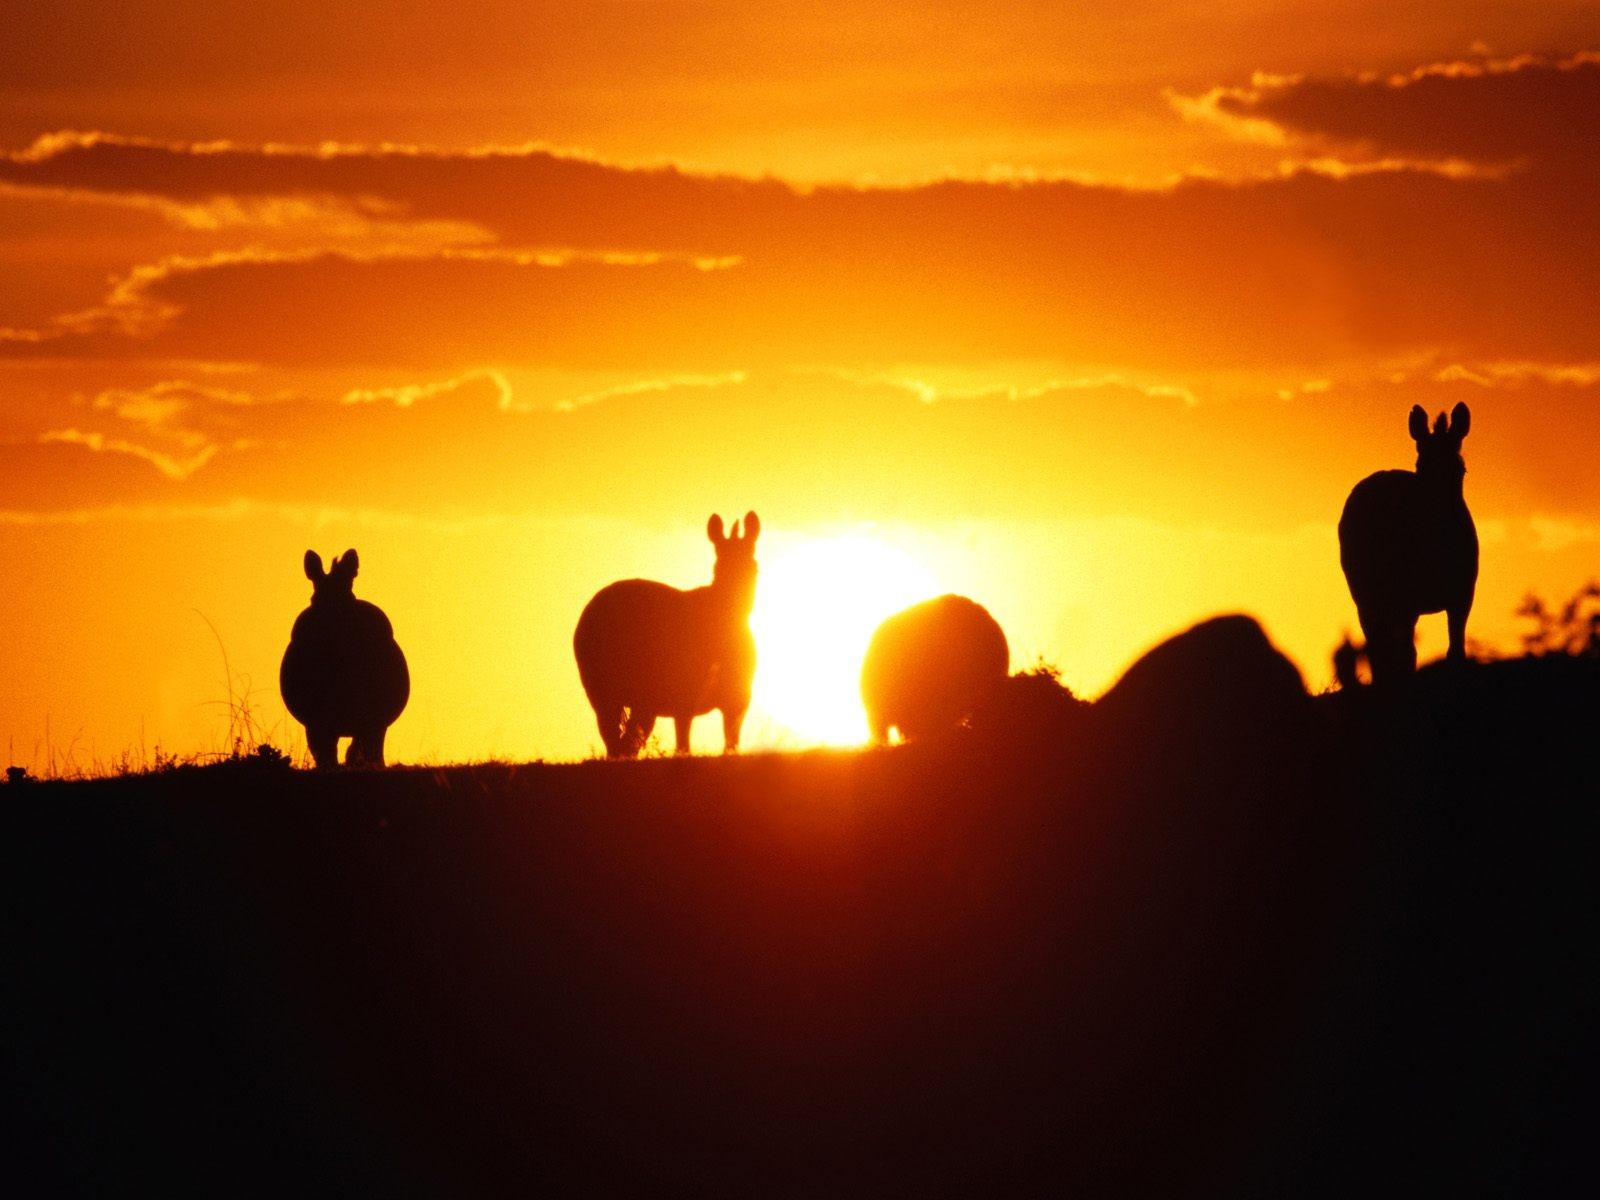 http://4.bp.blogspot.com/-80Ce93D0swM/T-HnKNnNGqI/AAAAAAAAA64/20tEMq2_Cbc/s1600/horses_shadow_sunset_wallpaper-1600x1200.jpg